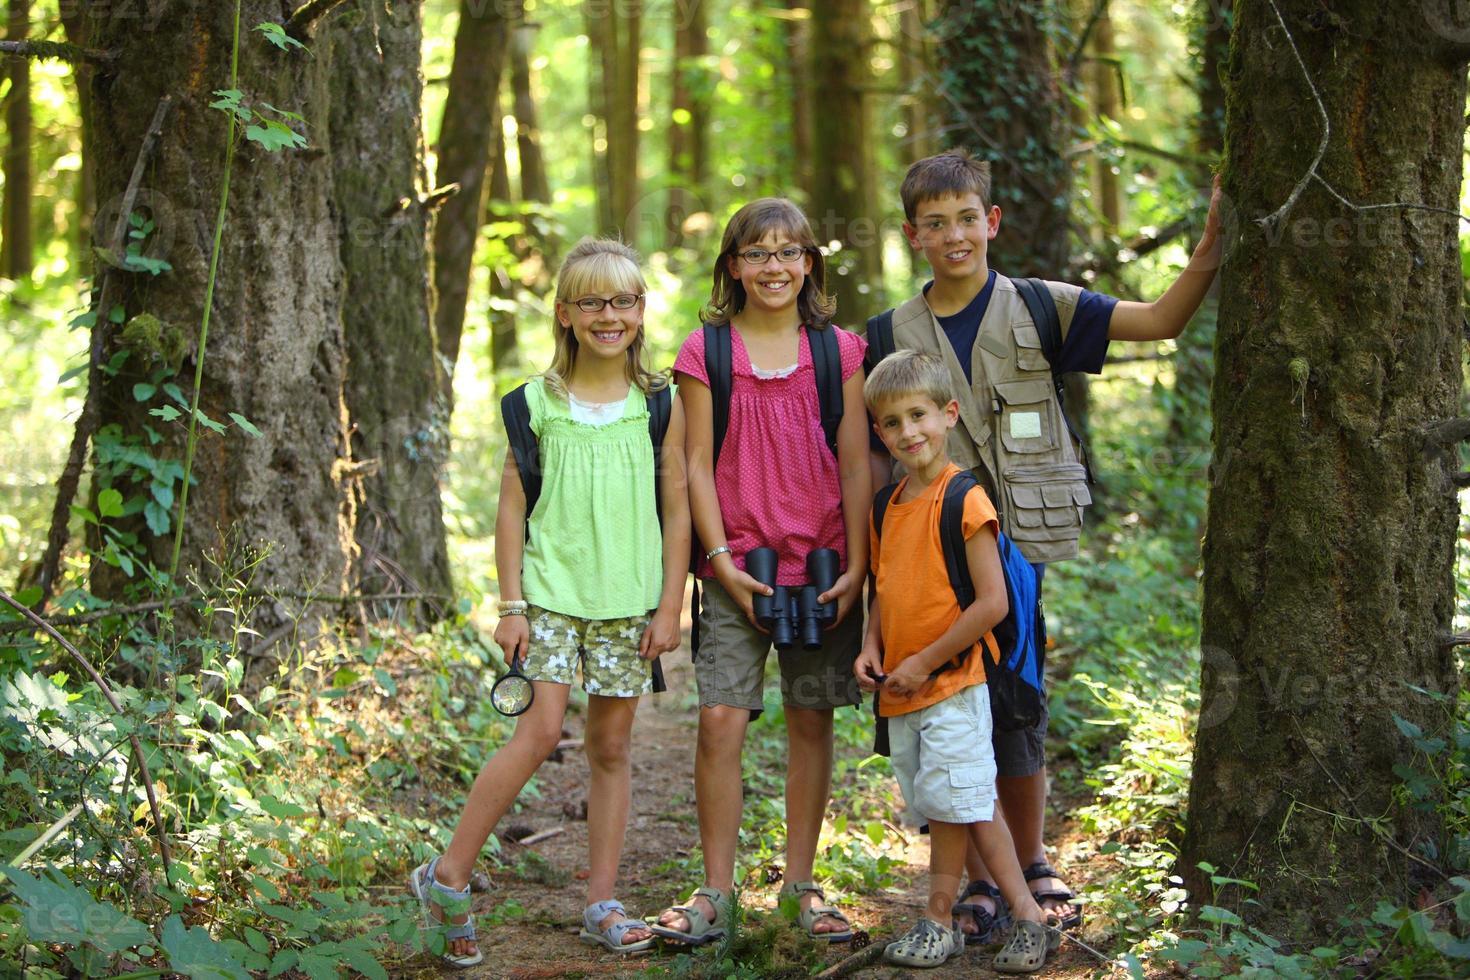 retrato de crianças na floresta foto